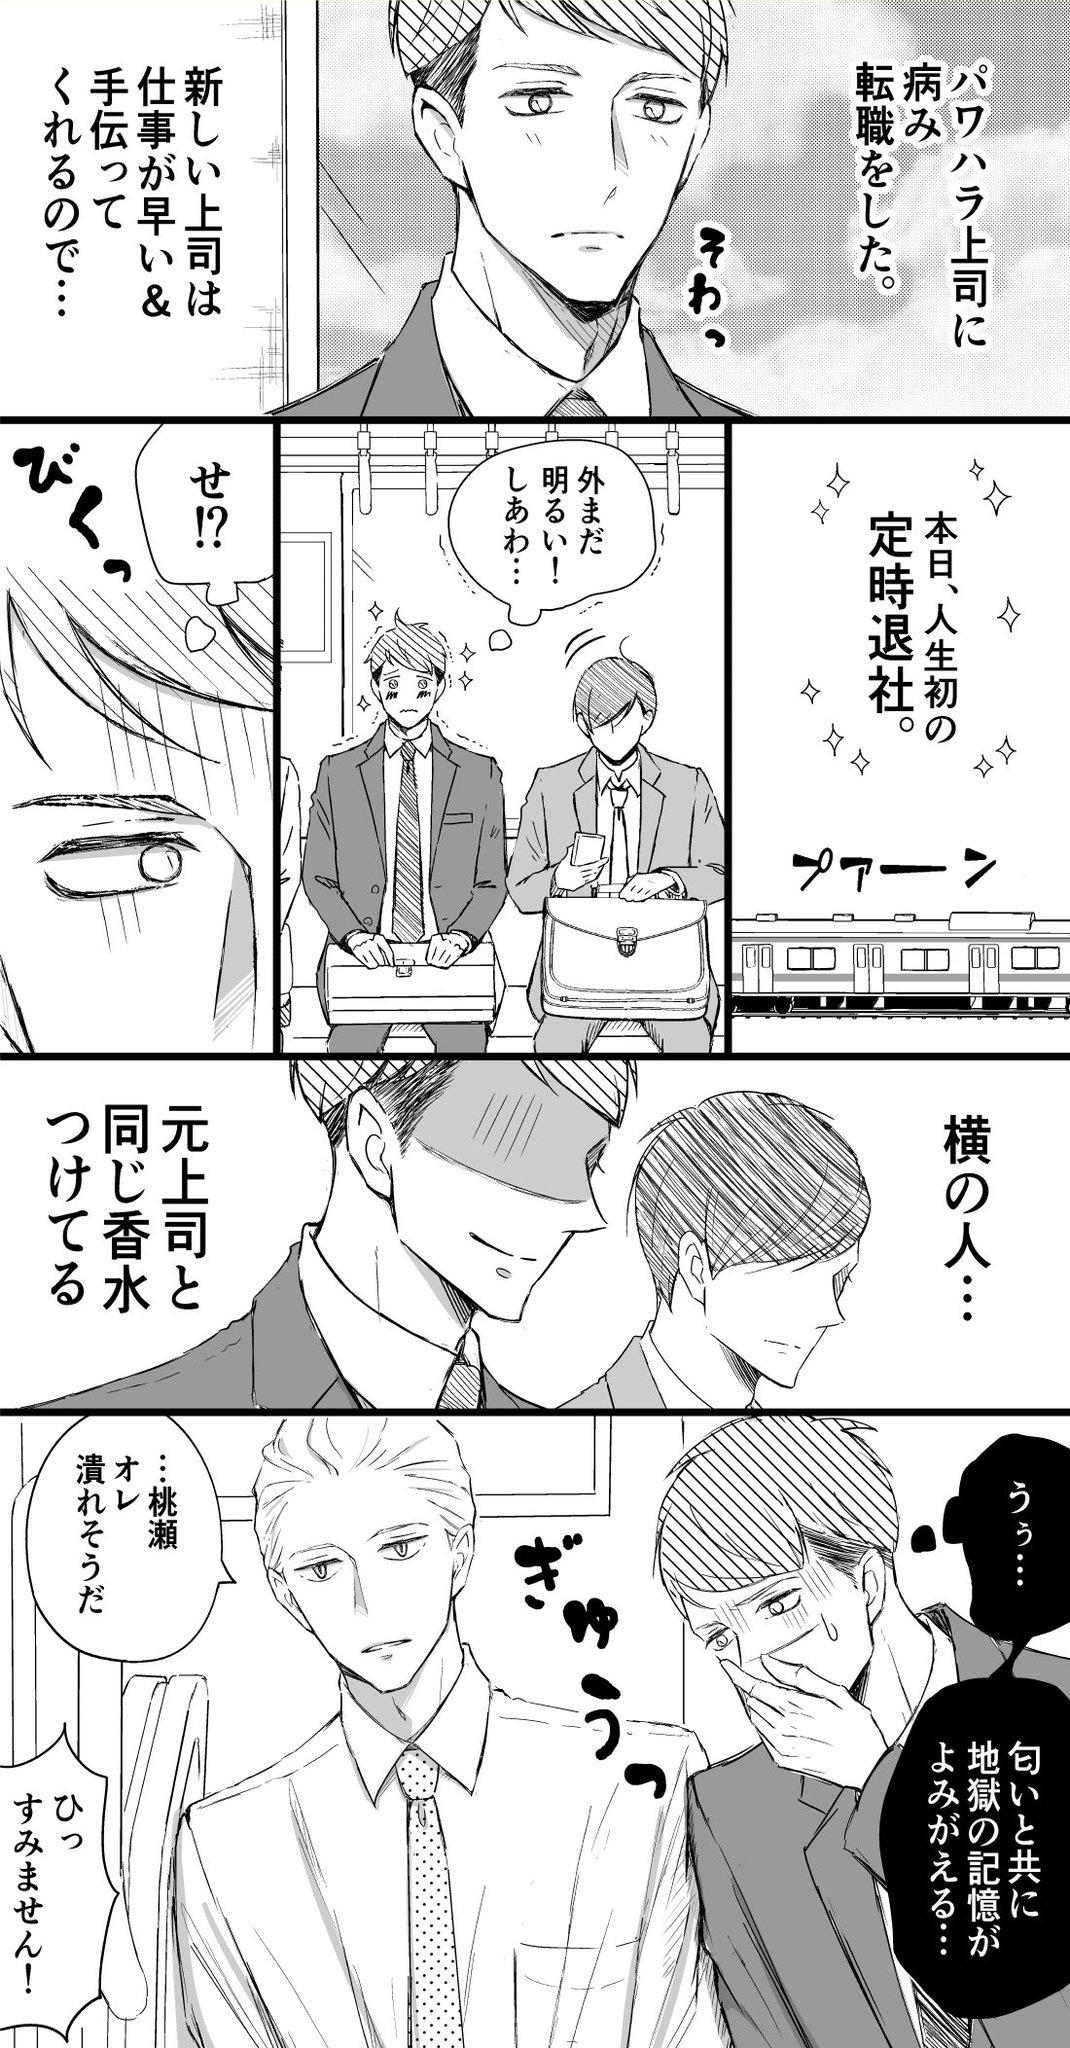 【創作漫画】新しい上司はど天然 ④